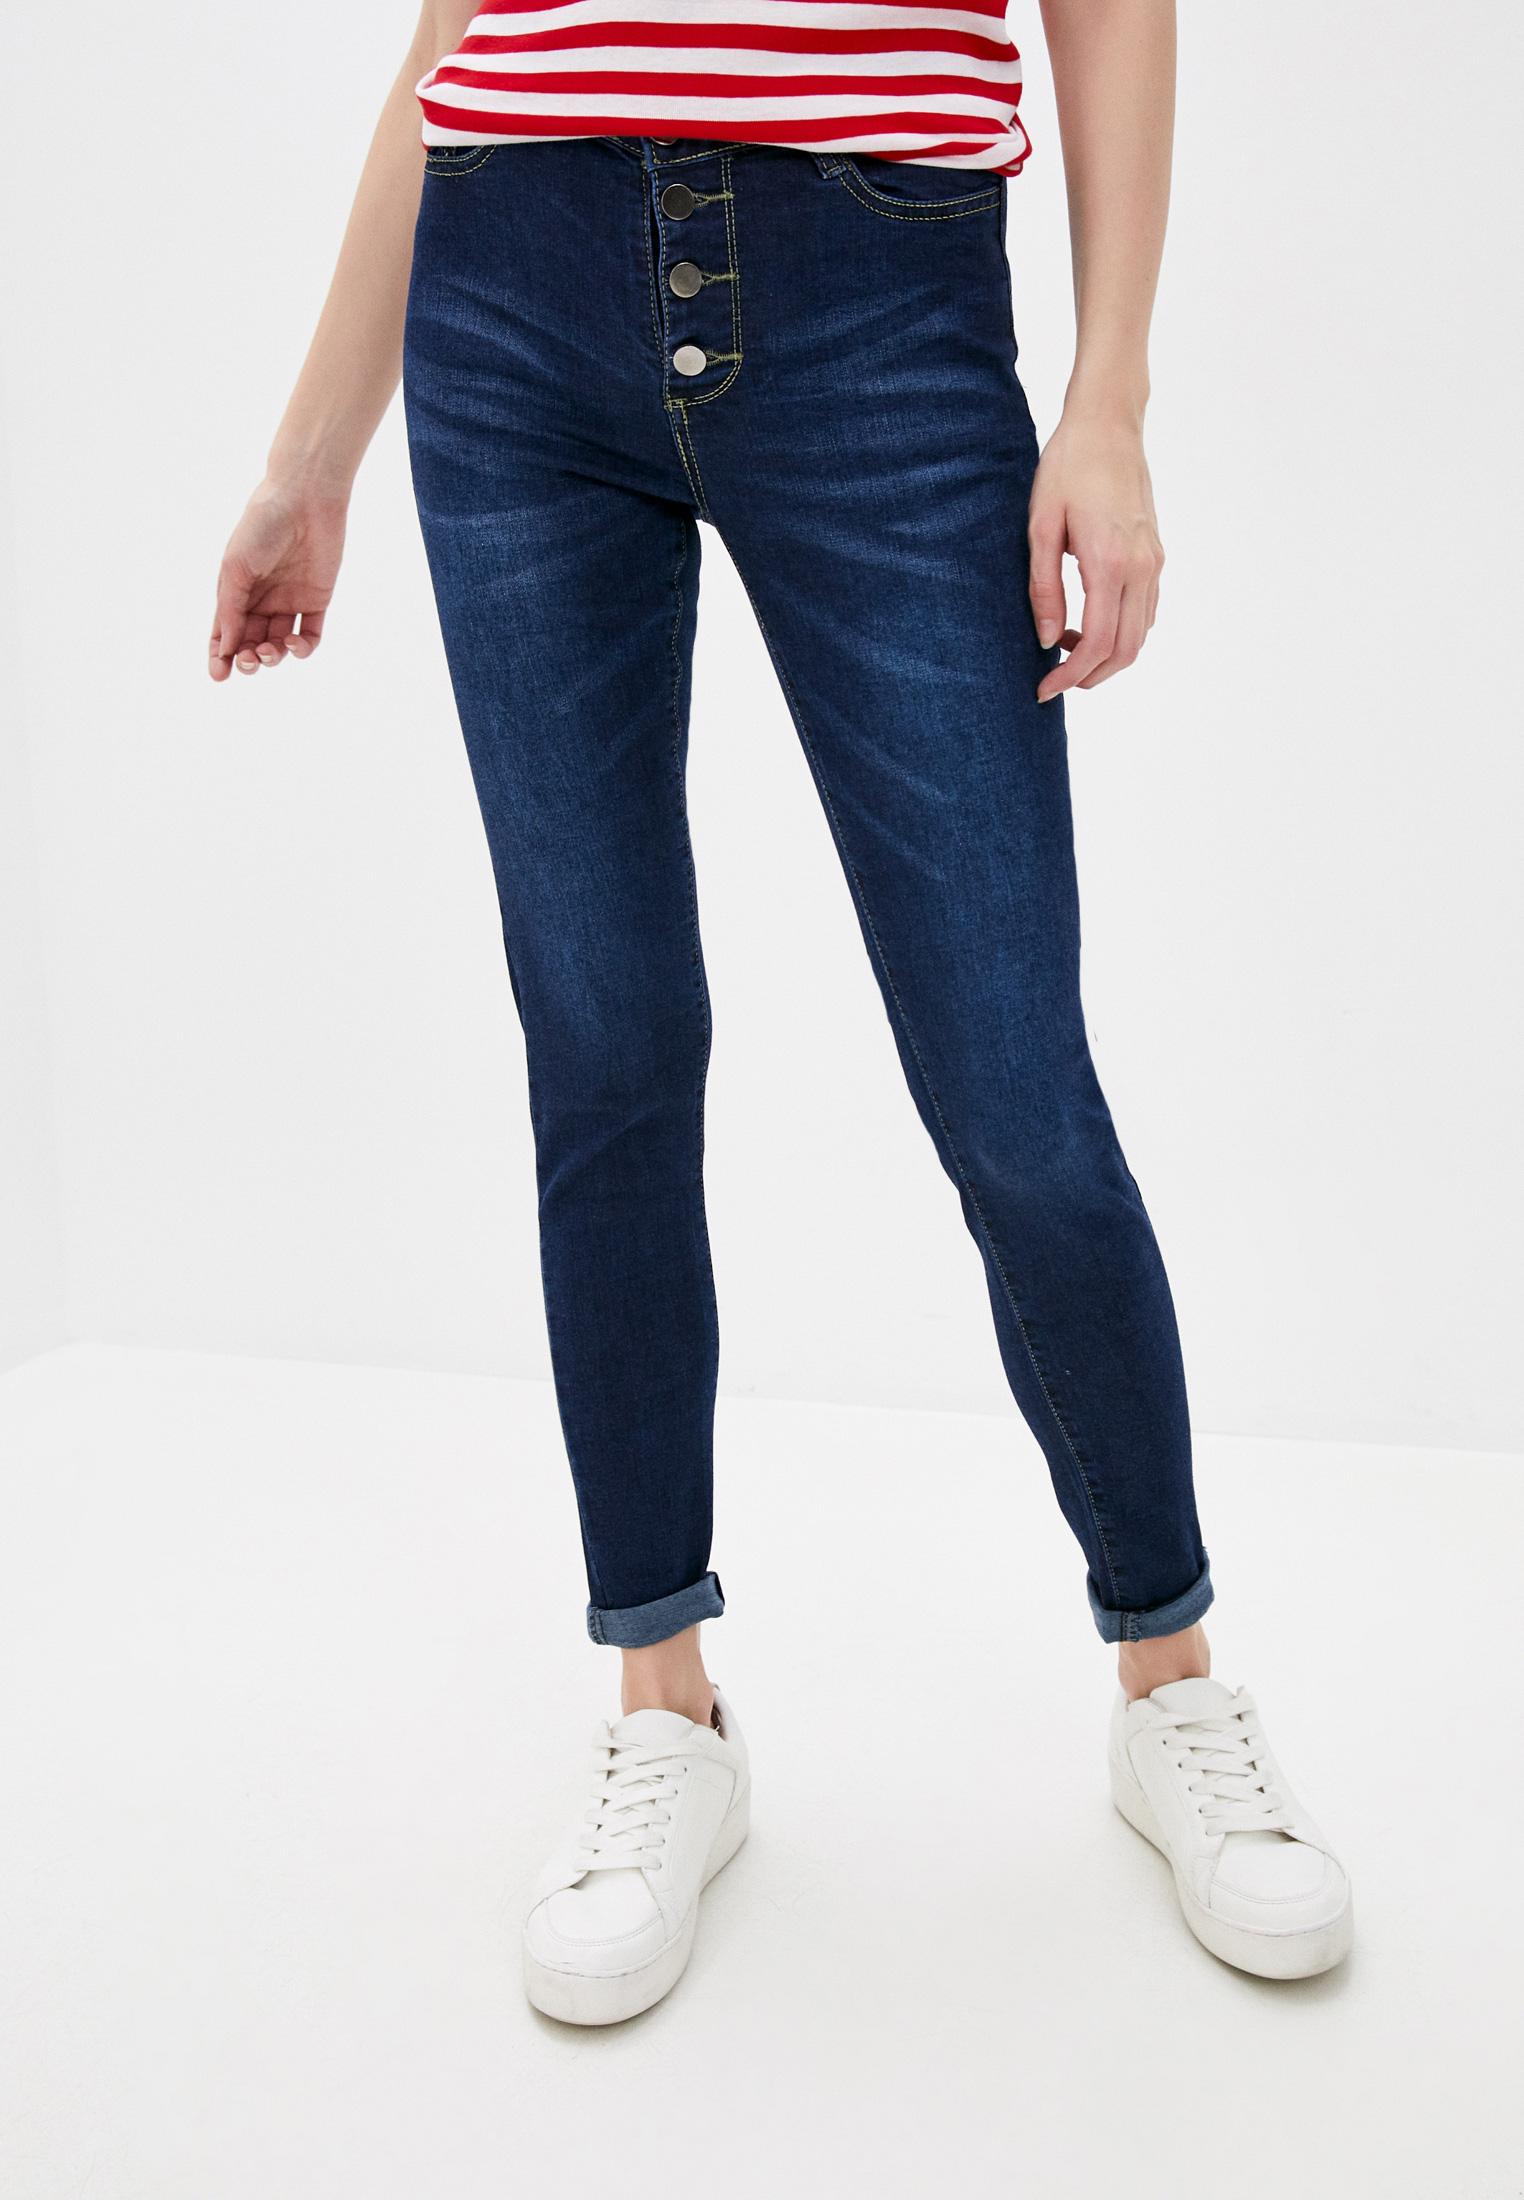 Зауженные джинсы Toku Tino TT8599326/002: изображение 1